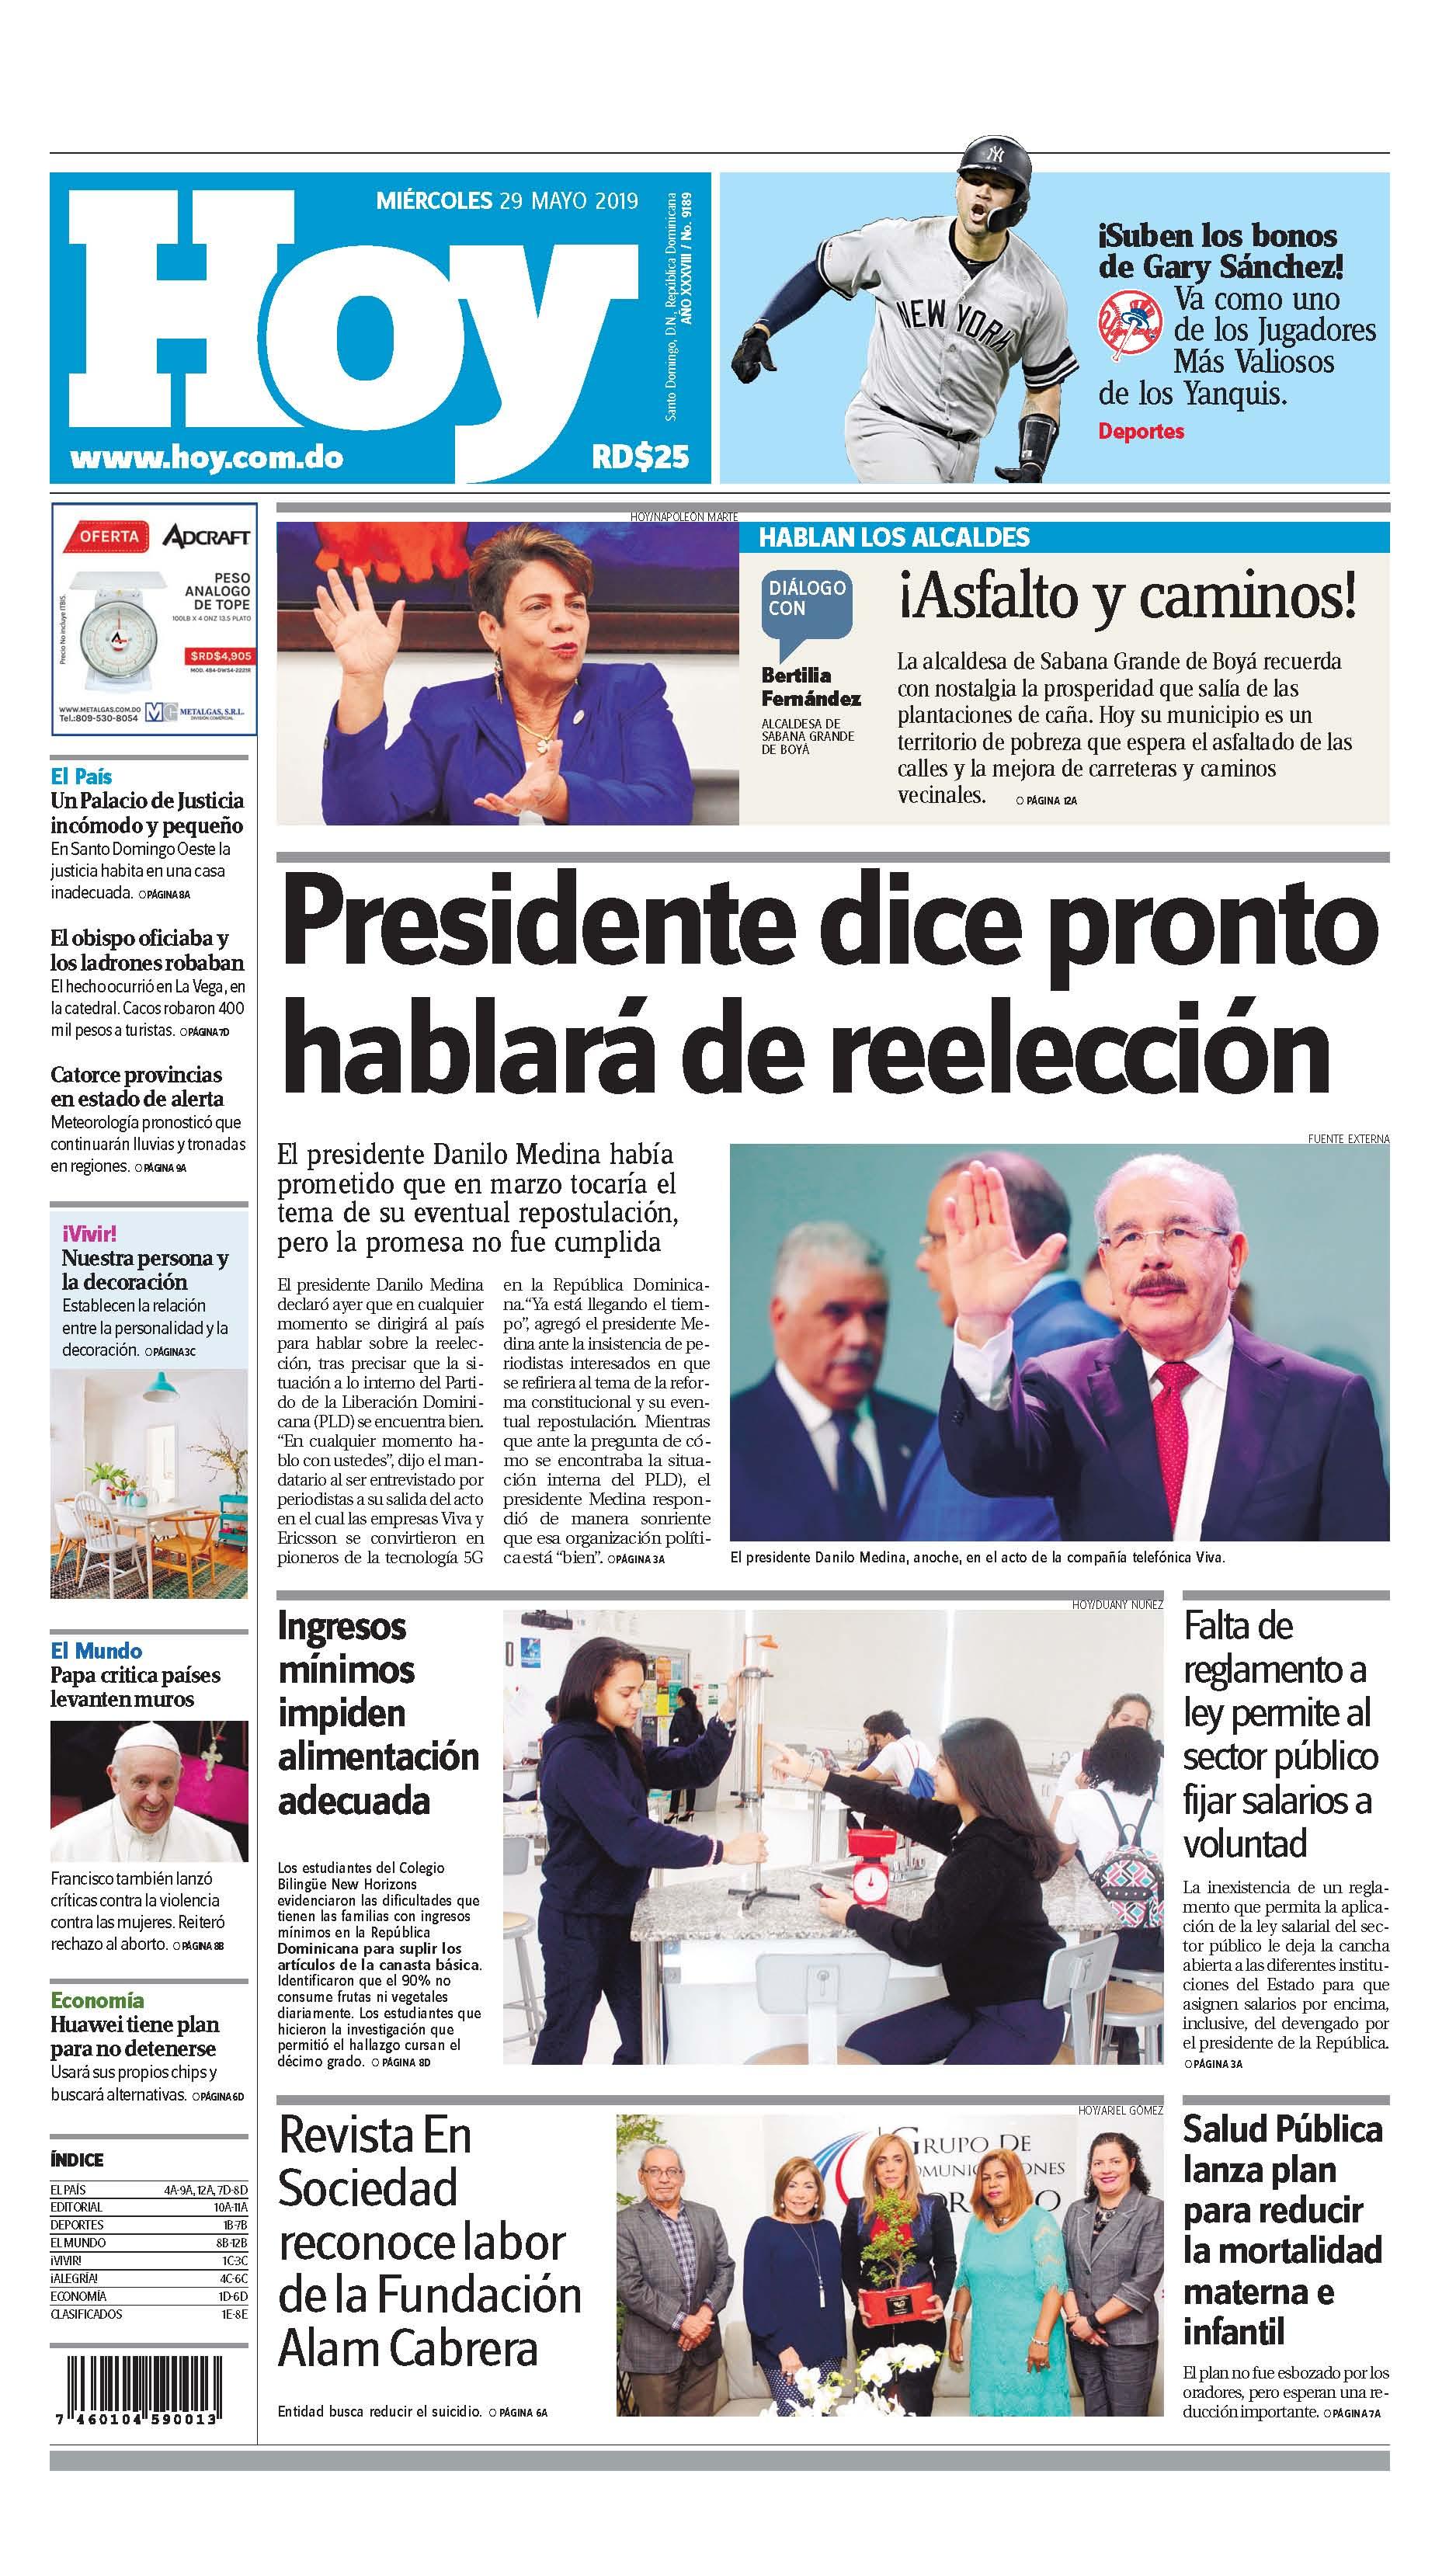 Edición impresa HOY miércoles 29 de de mayo del 2019